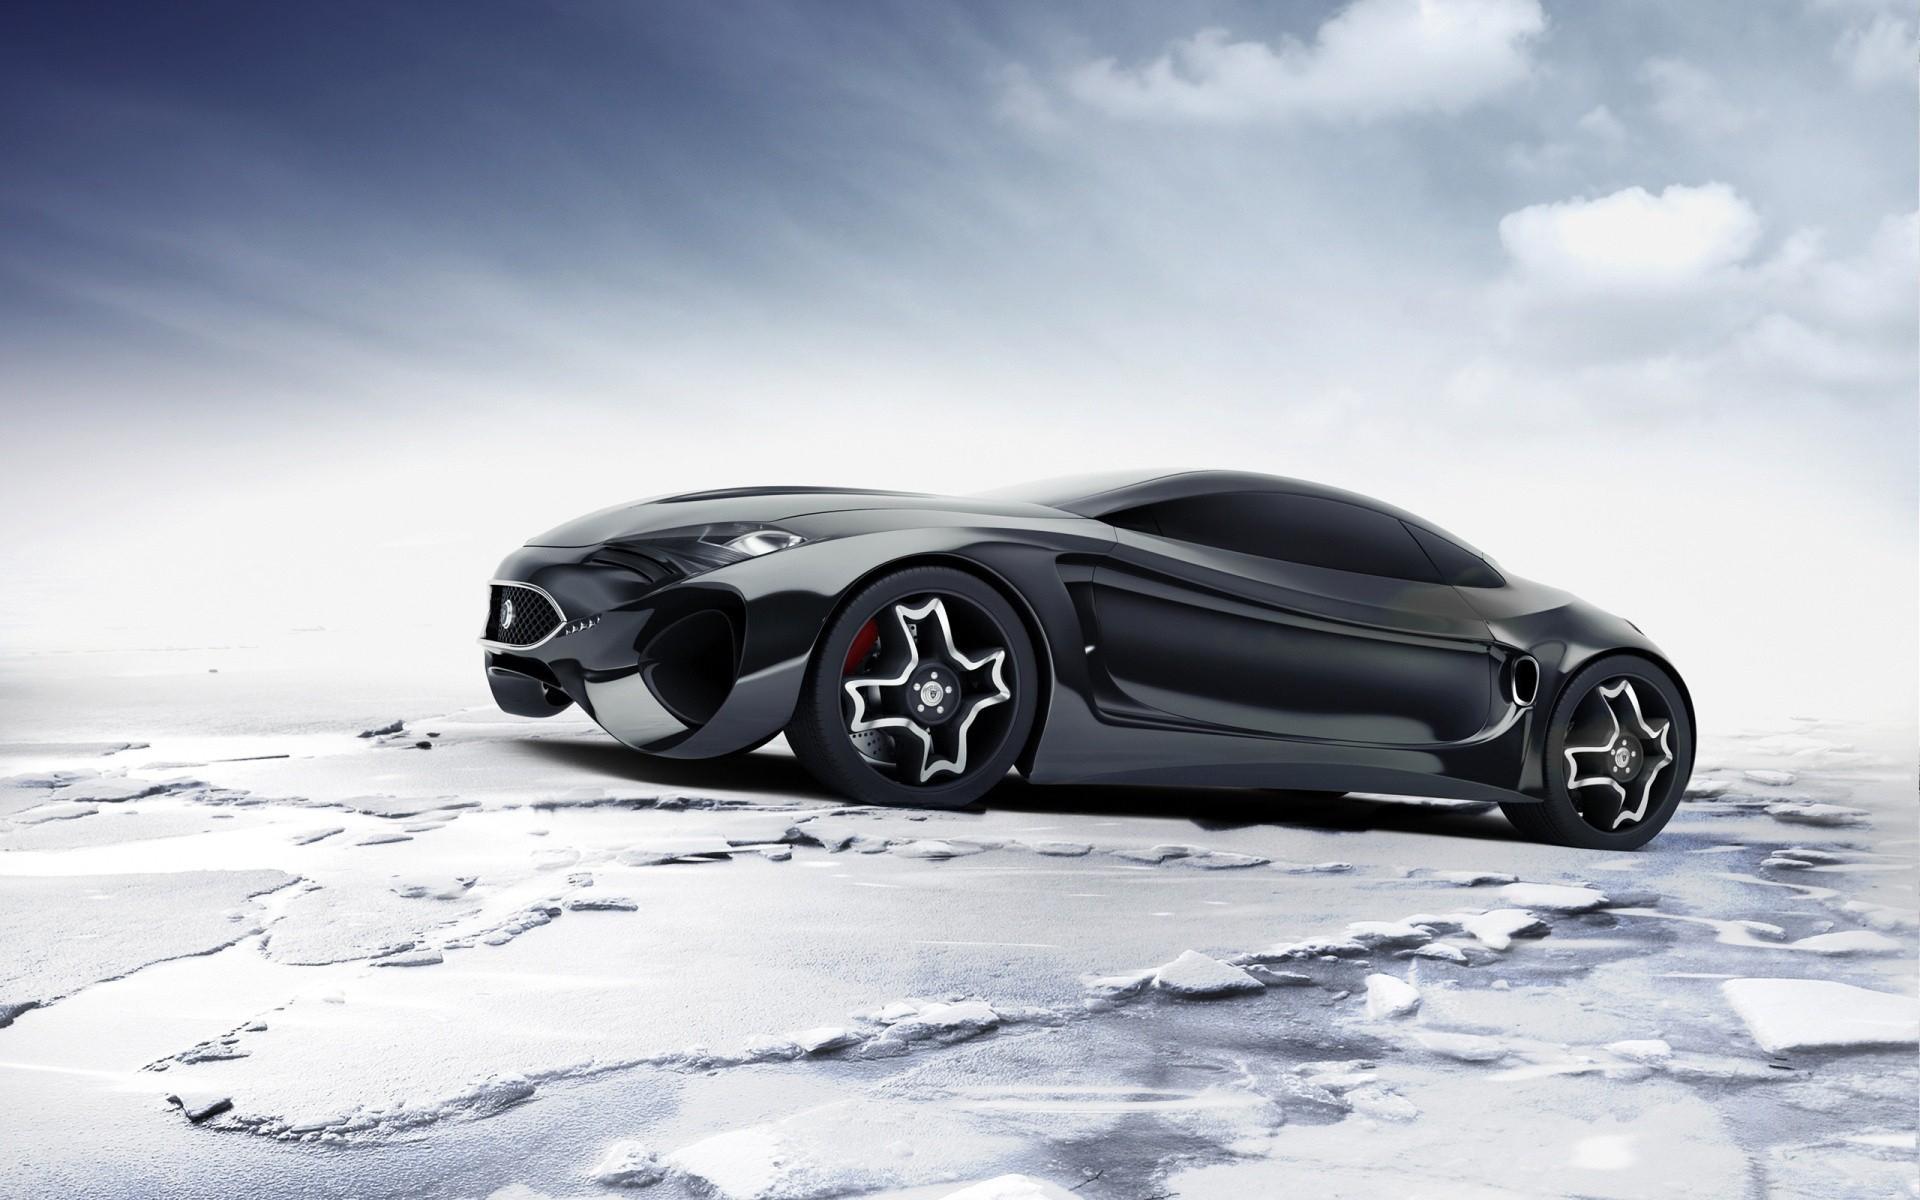 Autos Concept 2013 - 1920x1200